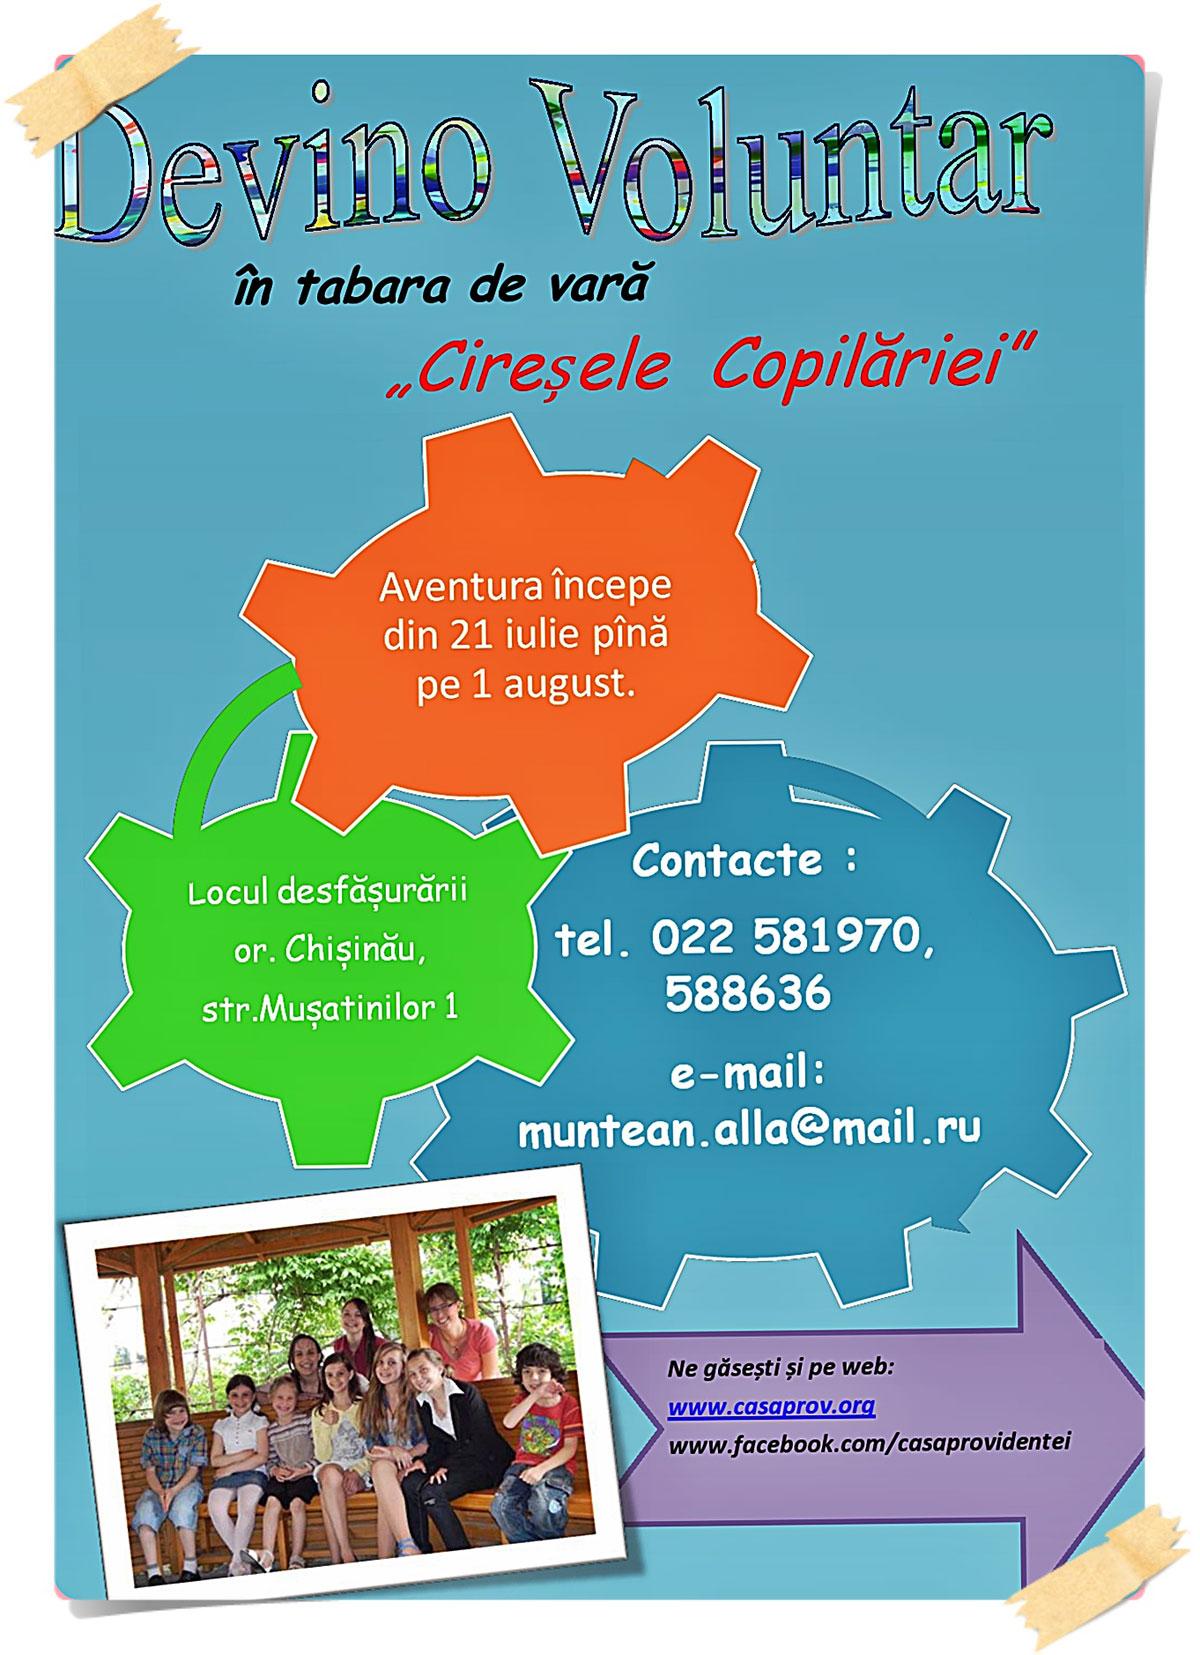 Devino-Voluntar2-page0001